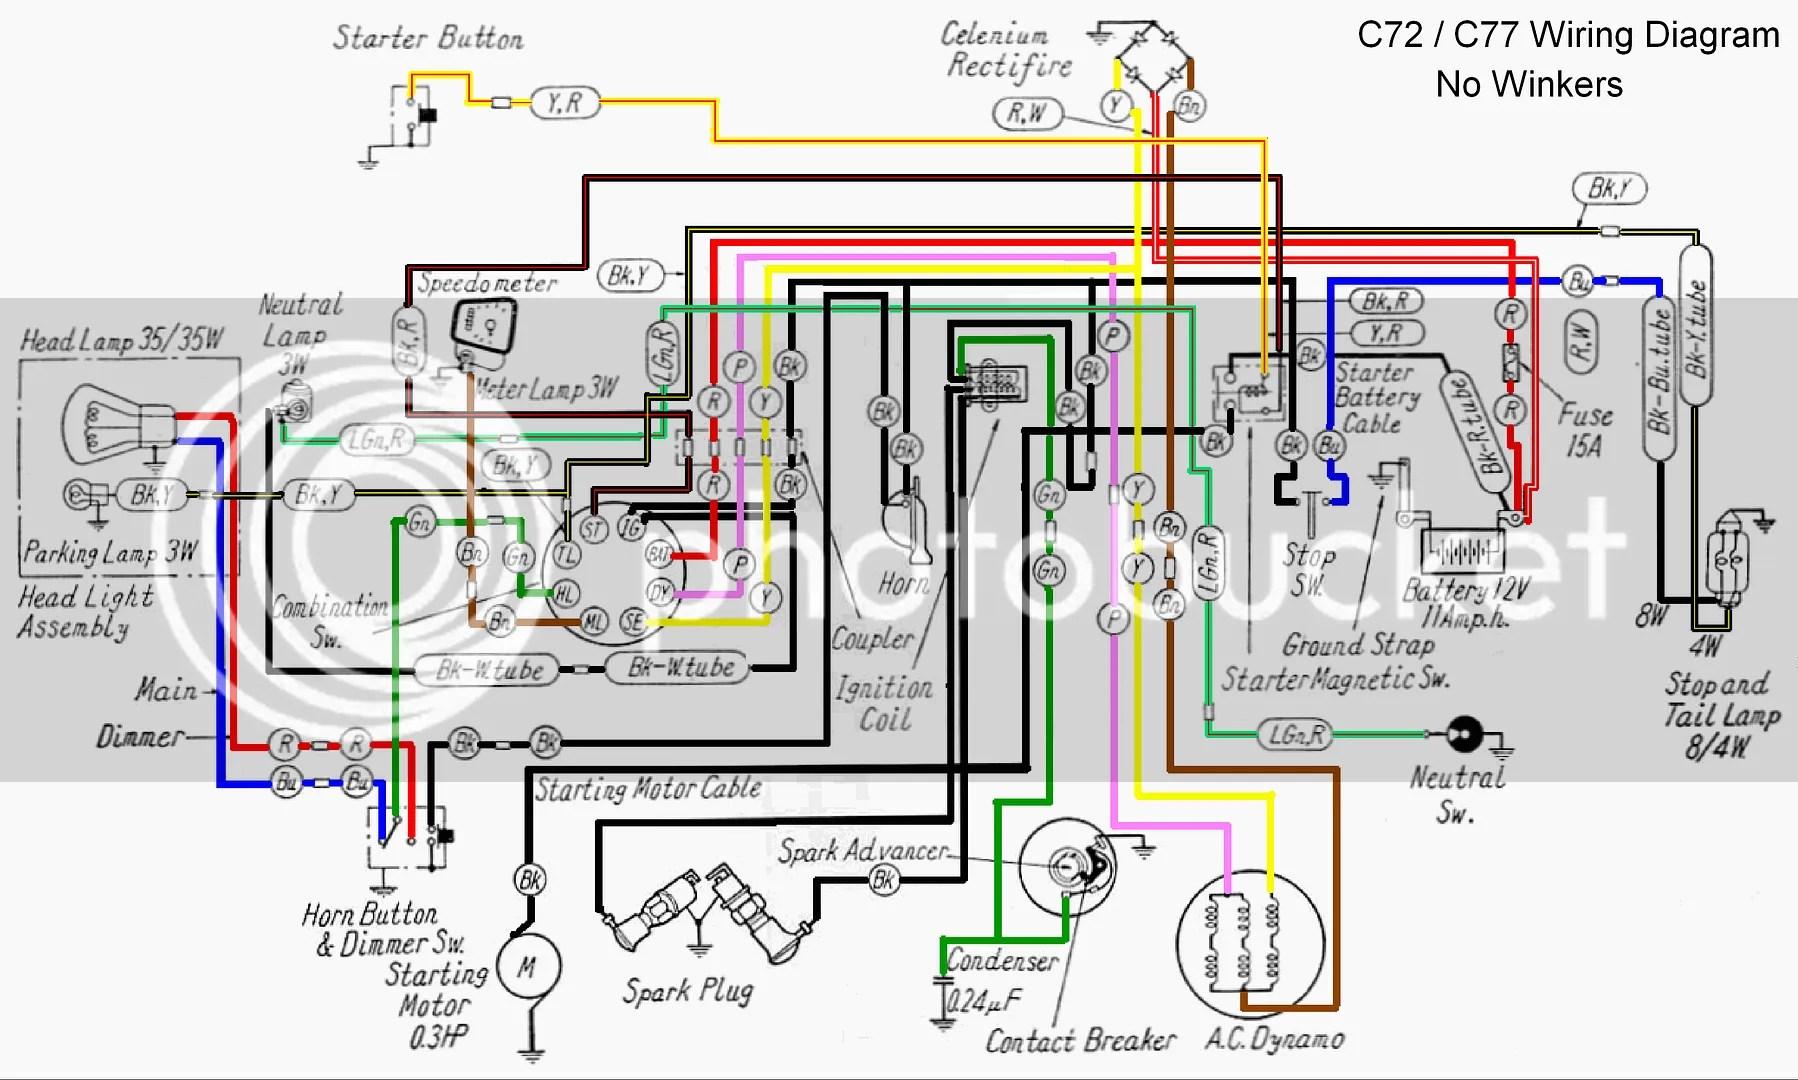 honda cl70 wiring diagram wiring diagram todays honda z50 wiring diagram honda cl70 wiring diagram wiring [ 3297 x 1980 Pixel ]